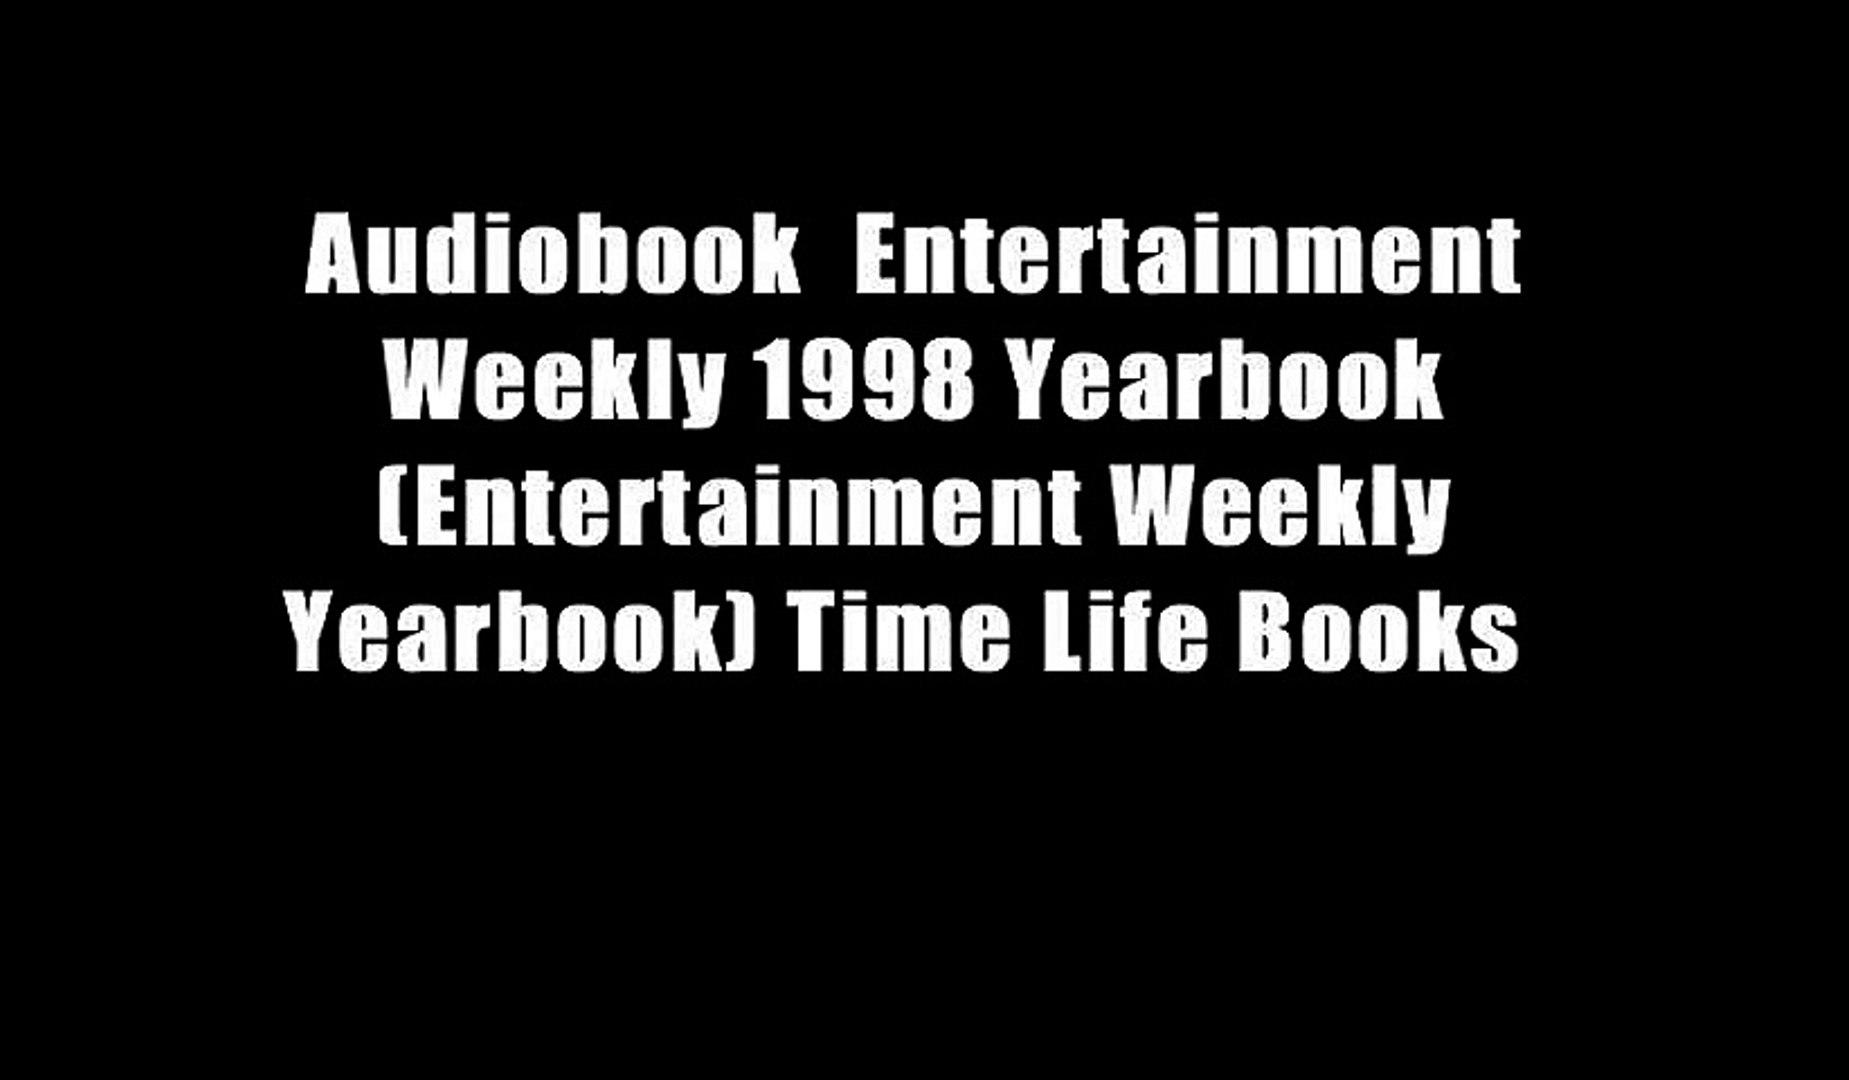 Audiobook  Entertainment Weekly 1998 Yearbook (Entertainment Weekly Yearbook) Time Life Books